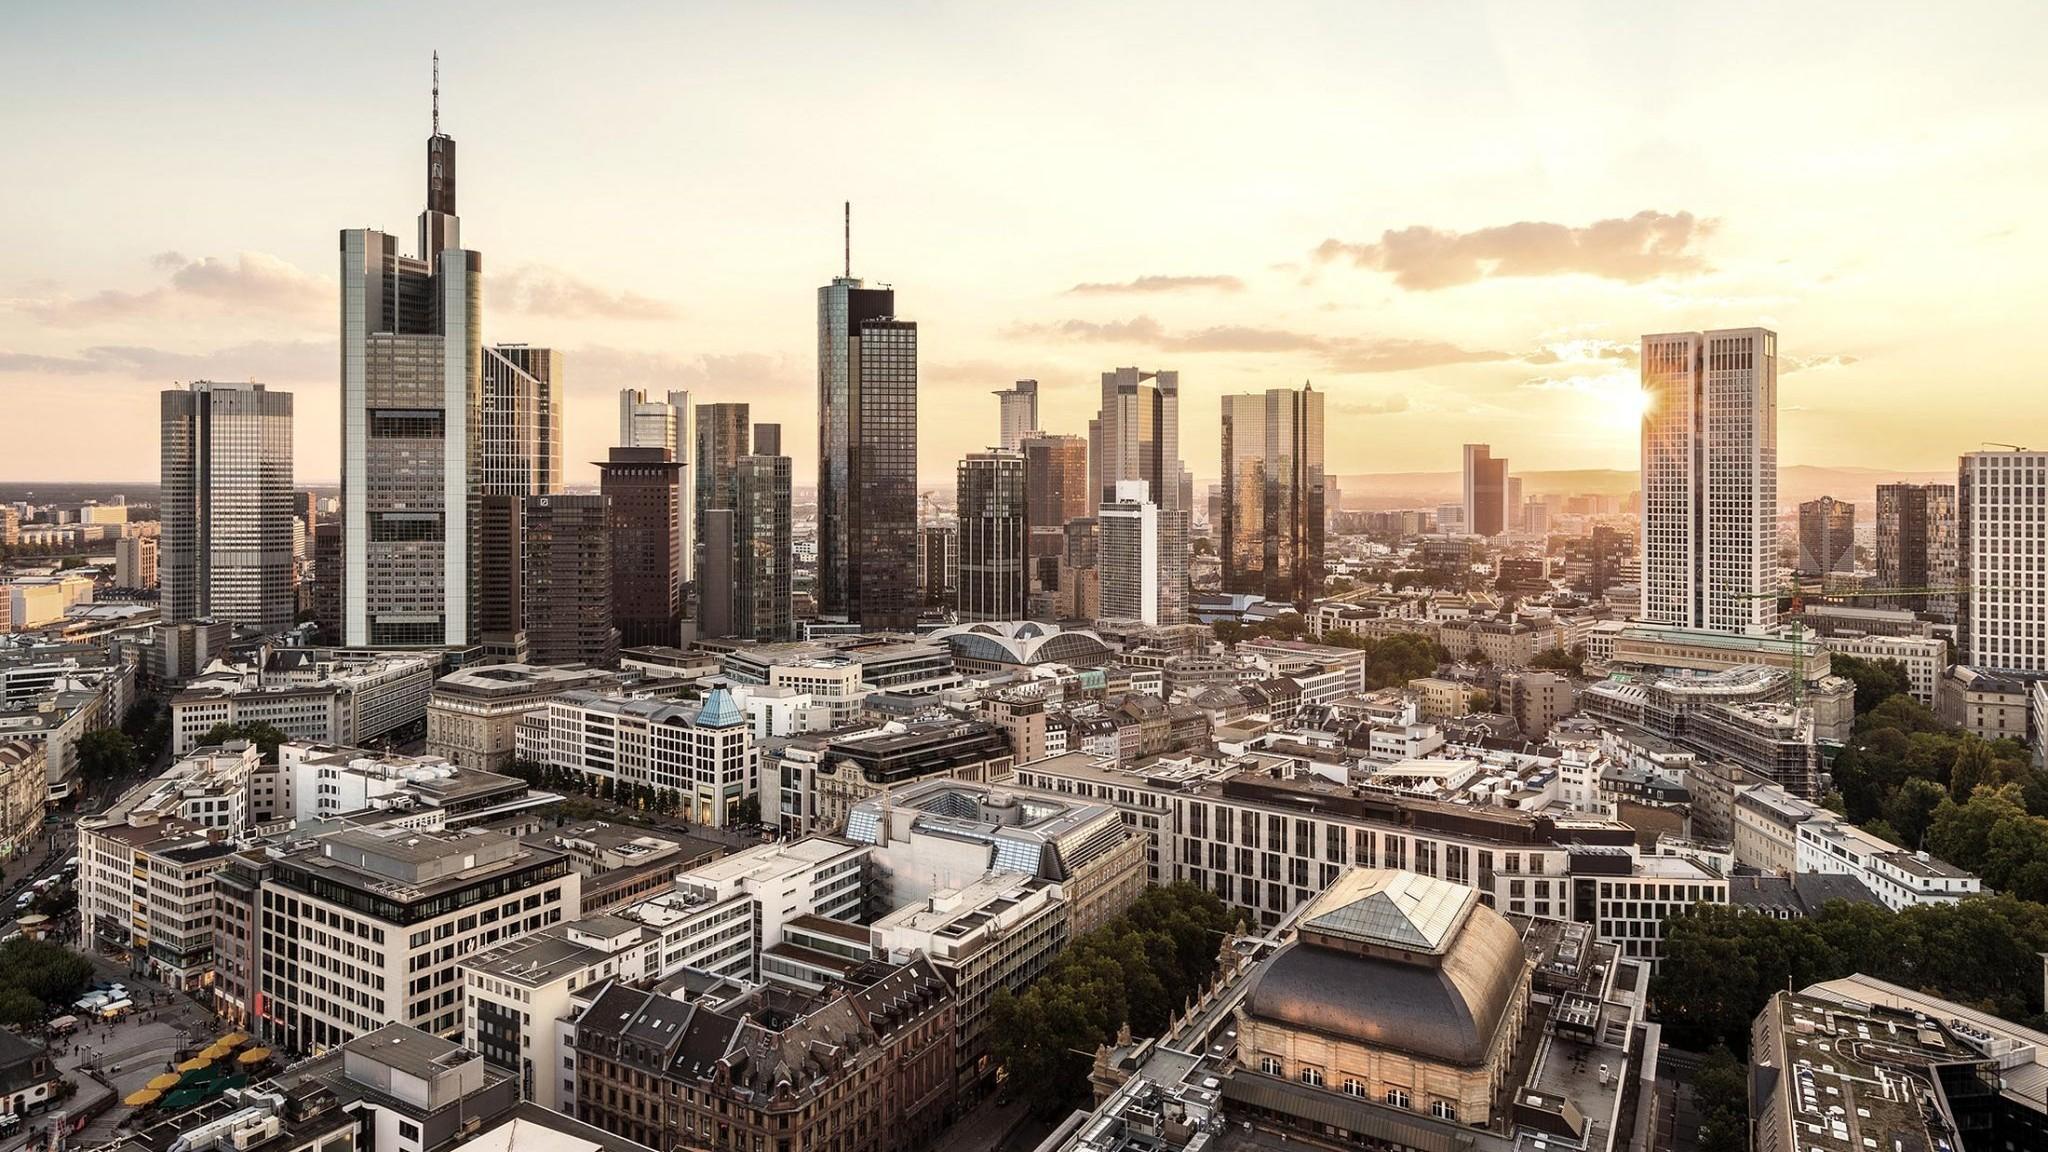 Frankfurt am Main, German Design Award Winner, Internetagentur und Werbeagentur GAXWEB aus Karlsruhe